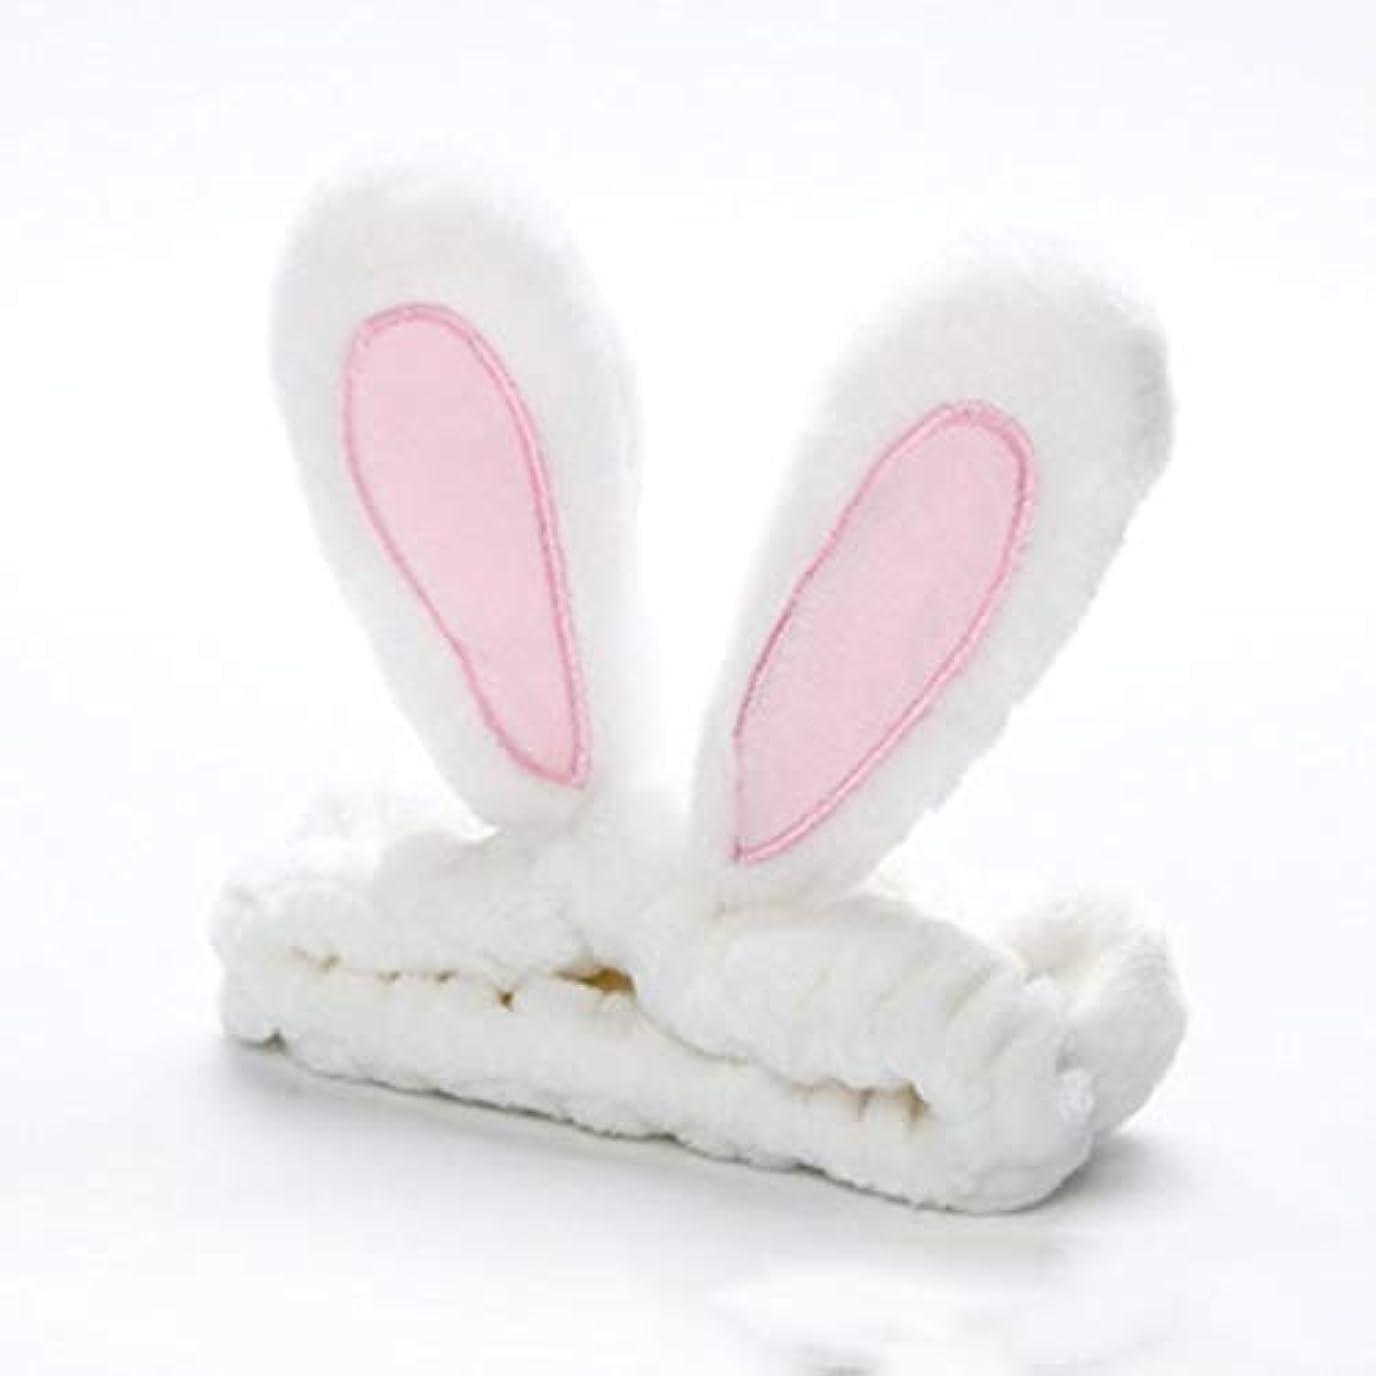 かわいいうさぎ耳帽子洗浄顔とメイクアップファッションヘッドバンド - ホワイト